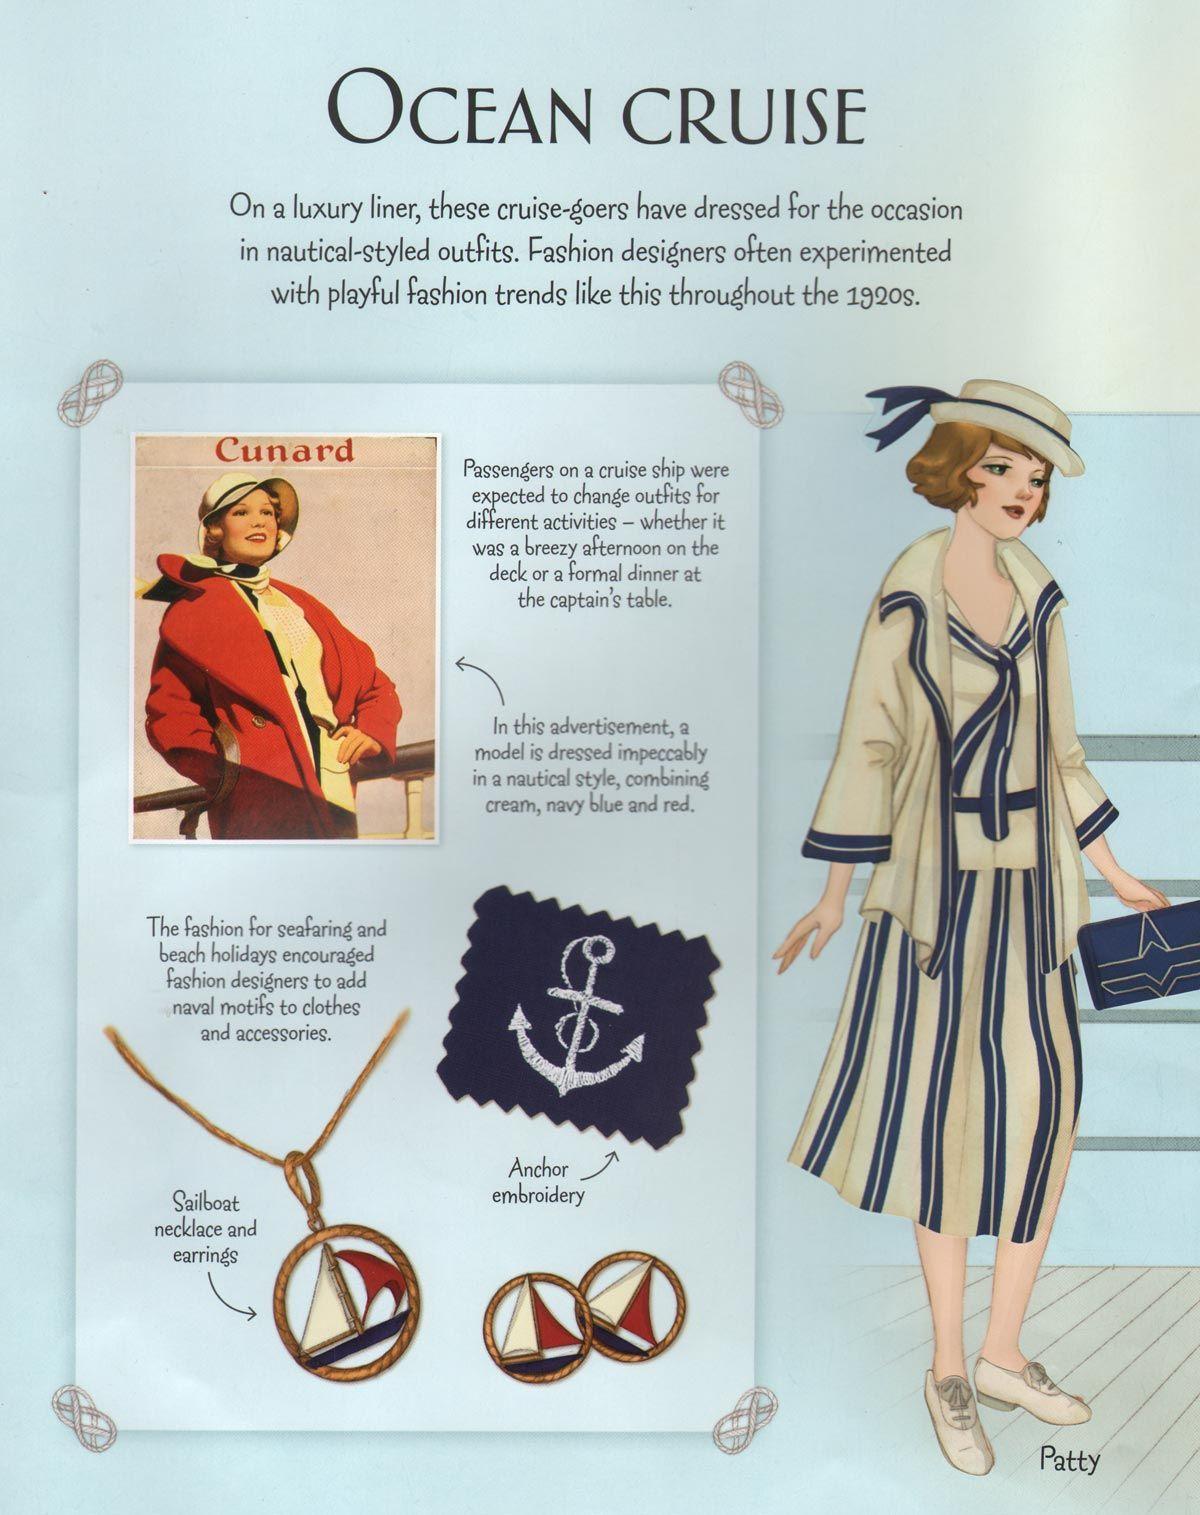 Downton Abbey Fashion Era - Twenties Style - Ocean Travel | Fashion ...